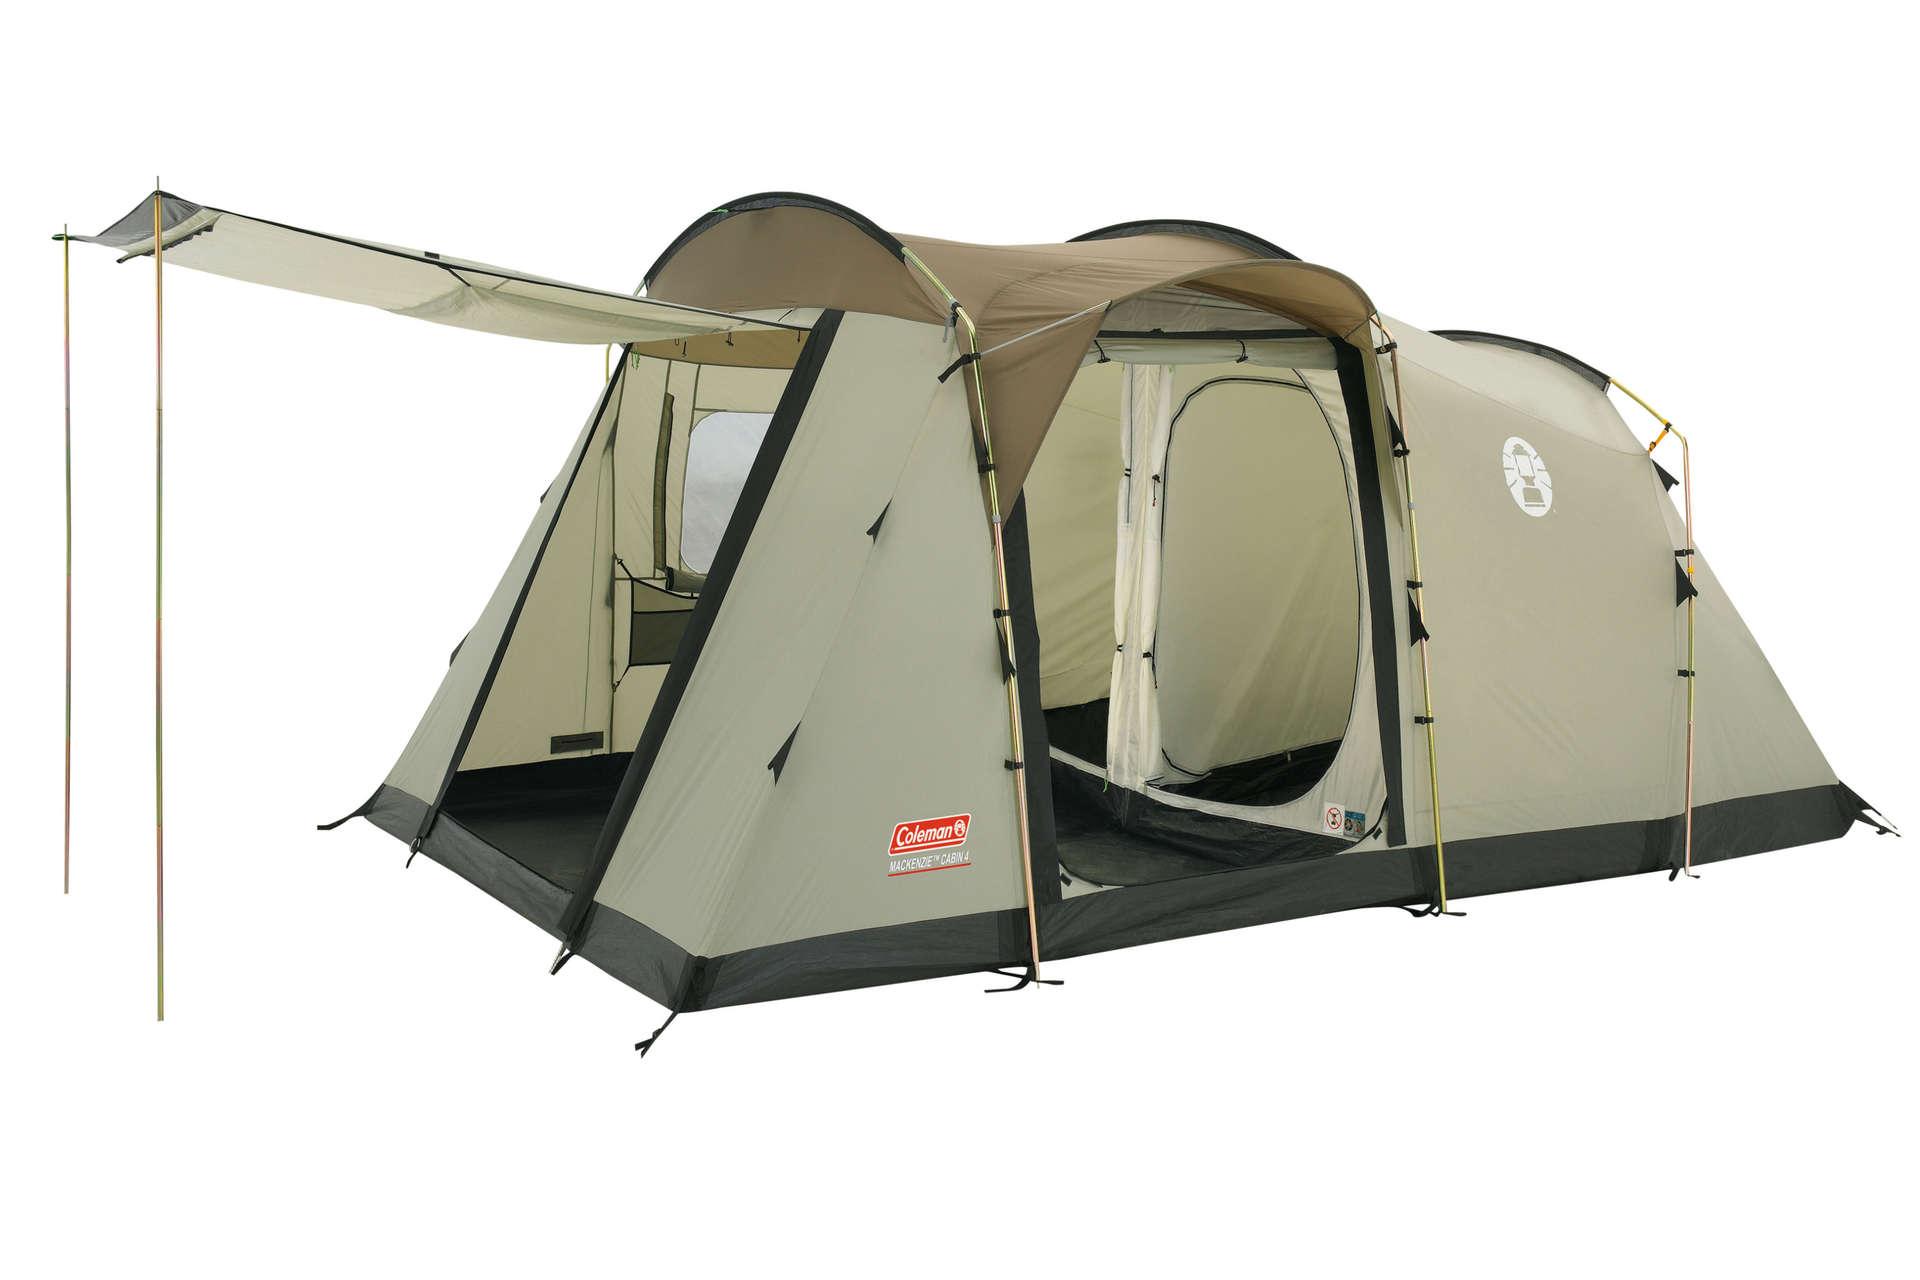 Coleman MacKenzie Cabin 4 Tent koop je bij Futurumshop.nl